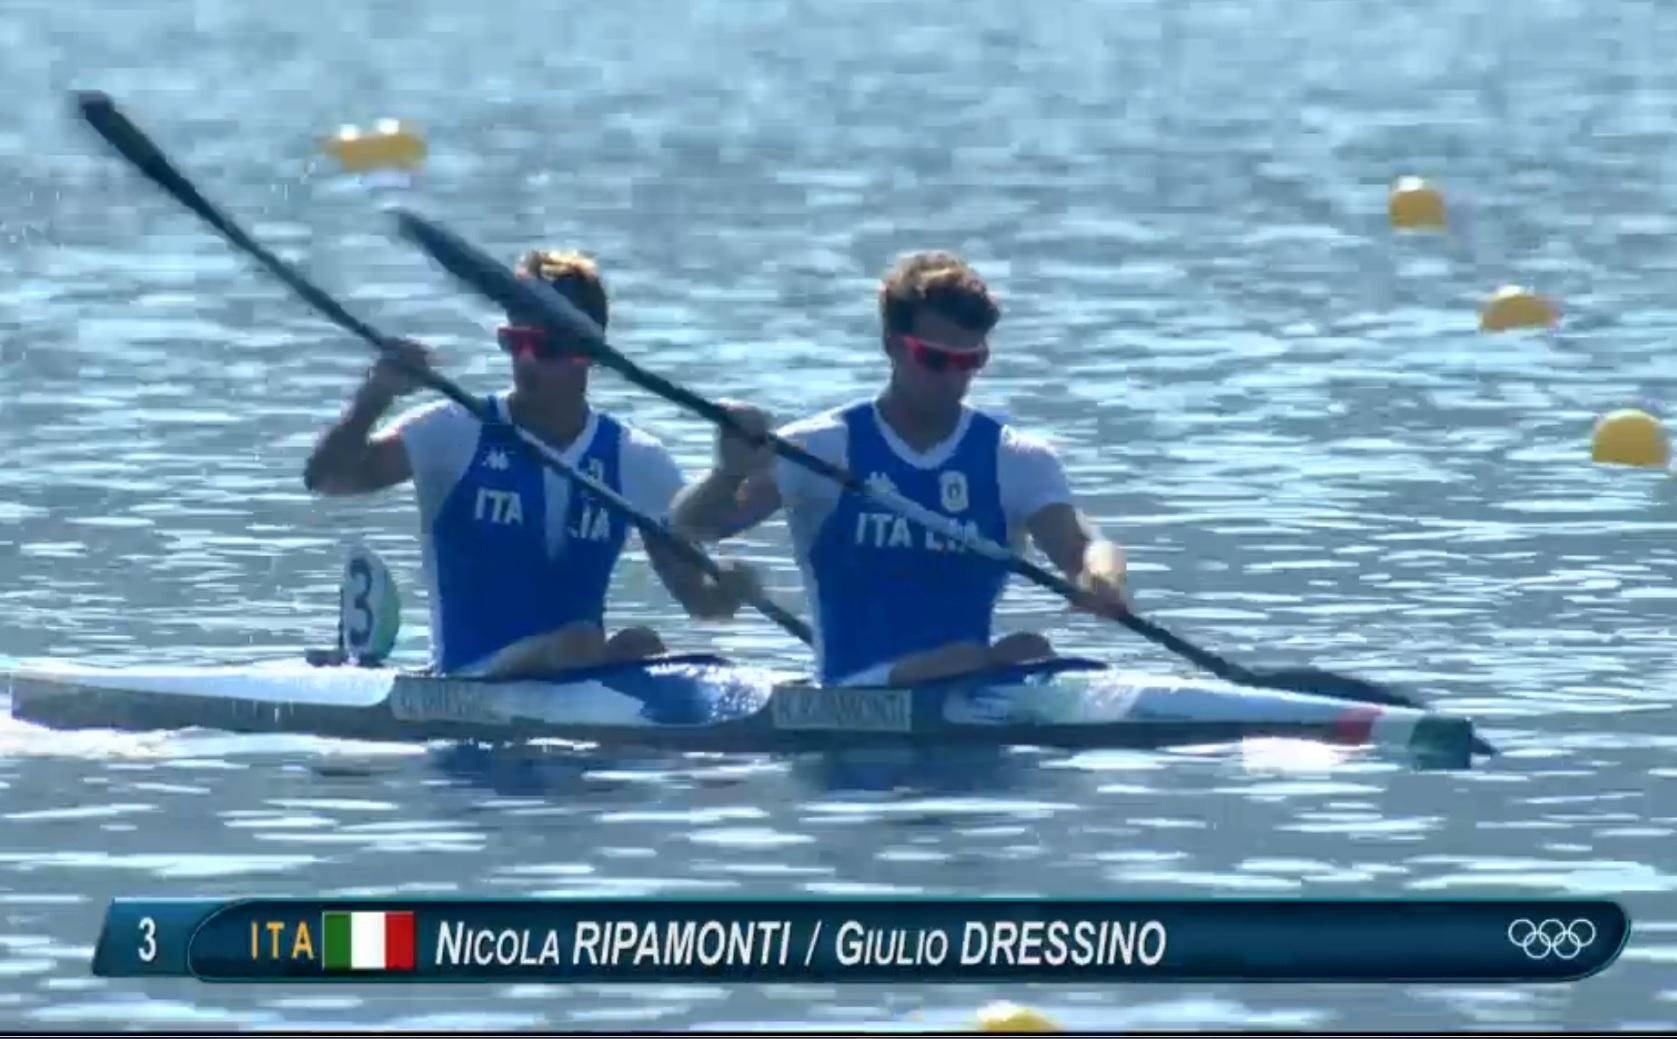 Rio 2016, canoa sprint: Ripamonti - Dressino in finale nel K2 1000 metri